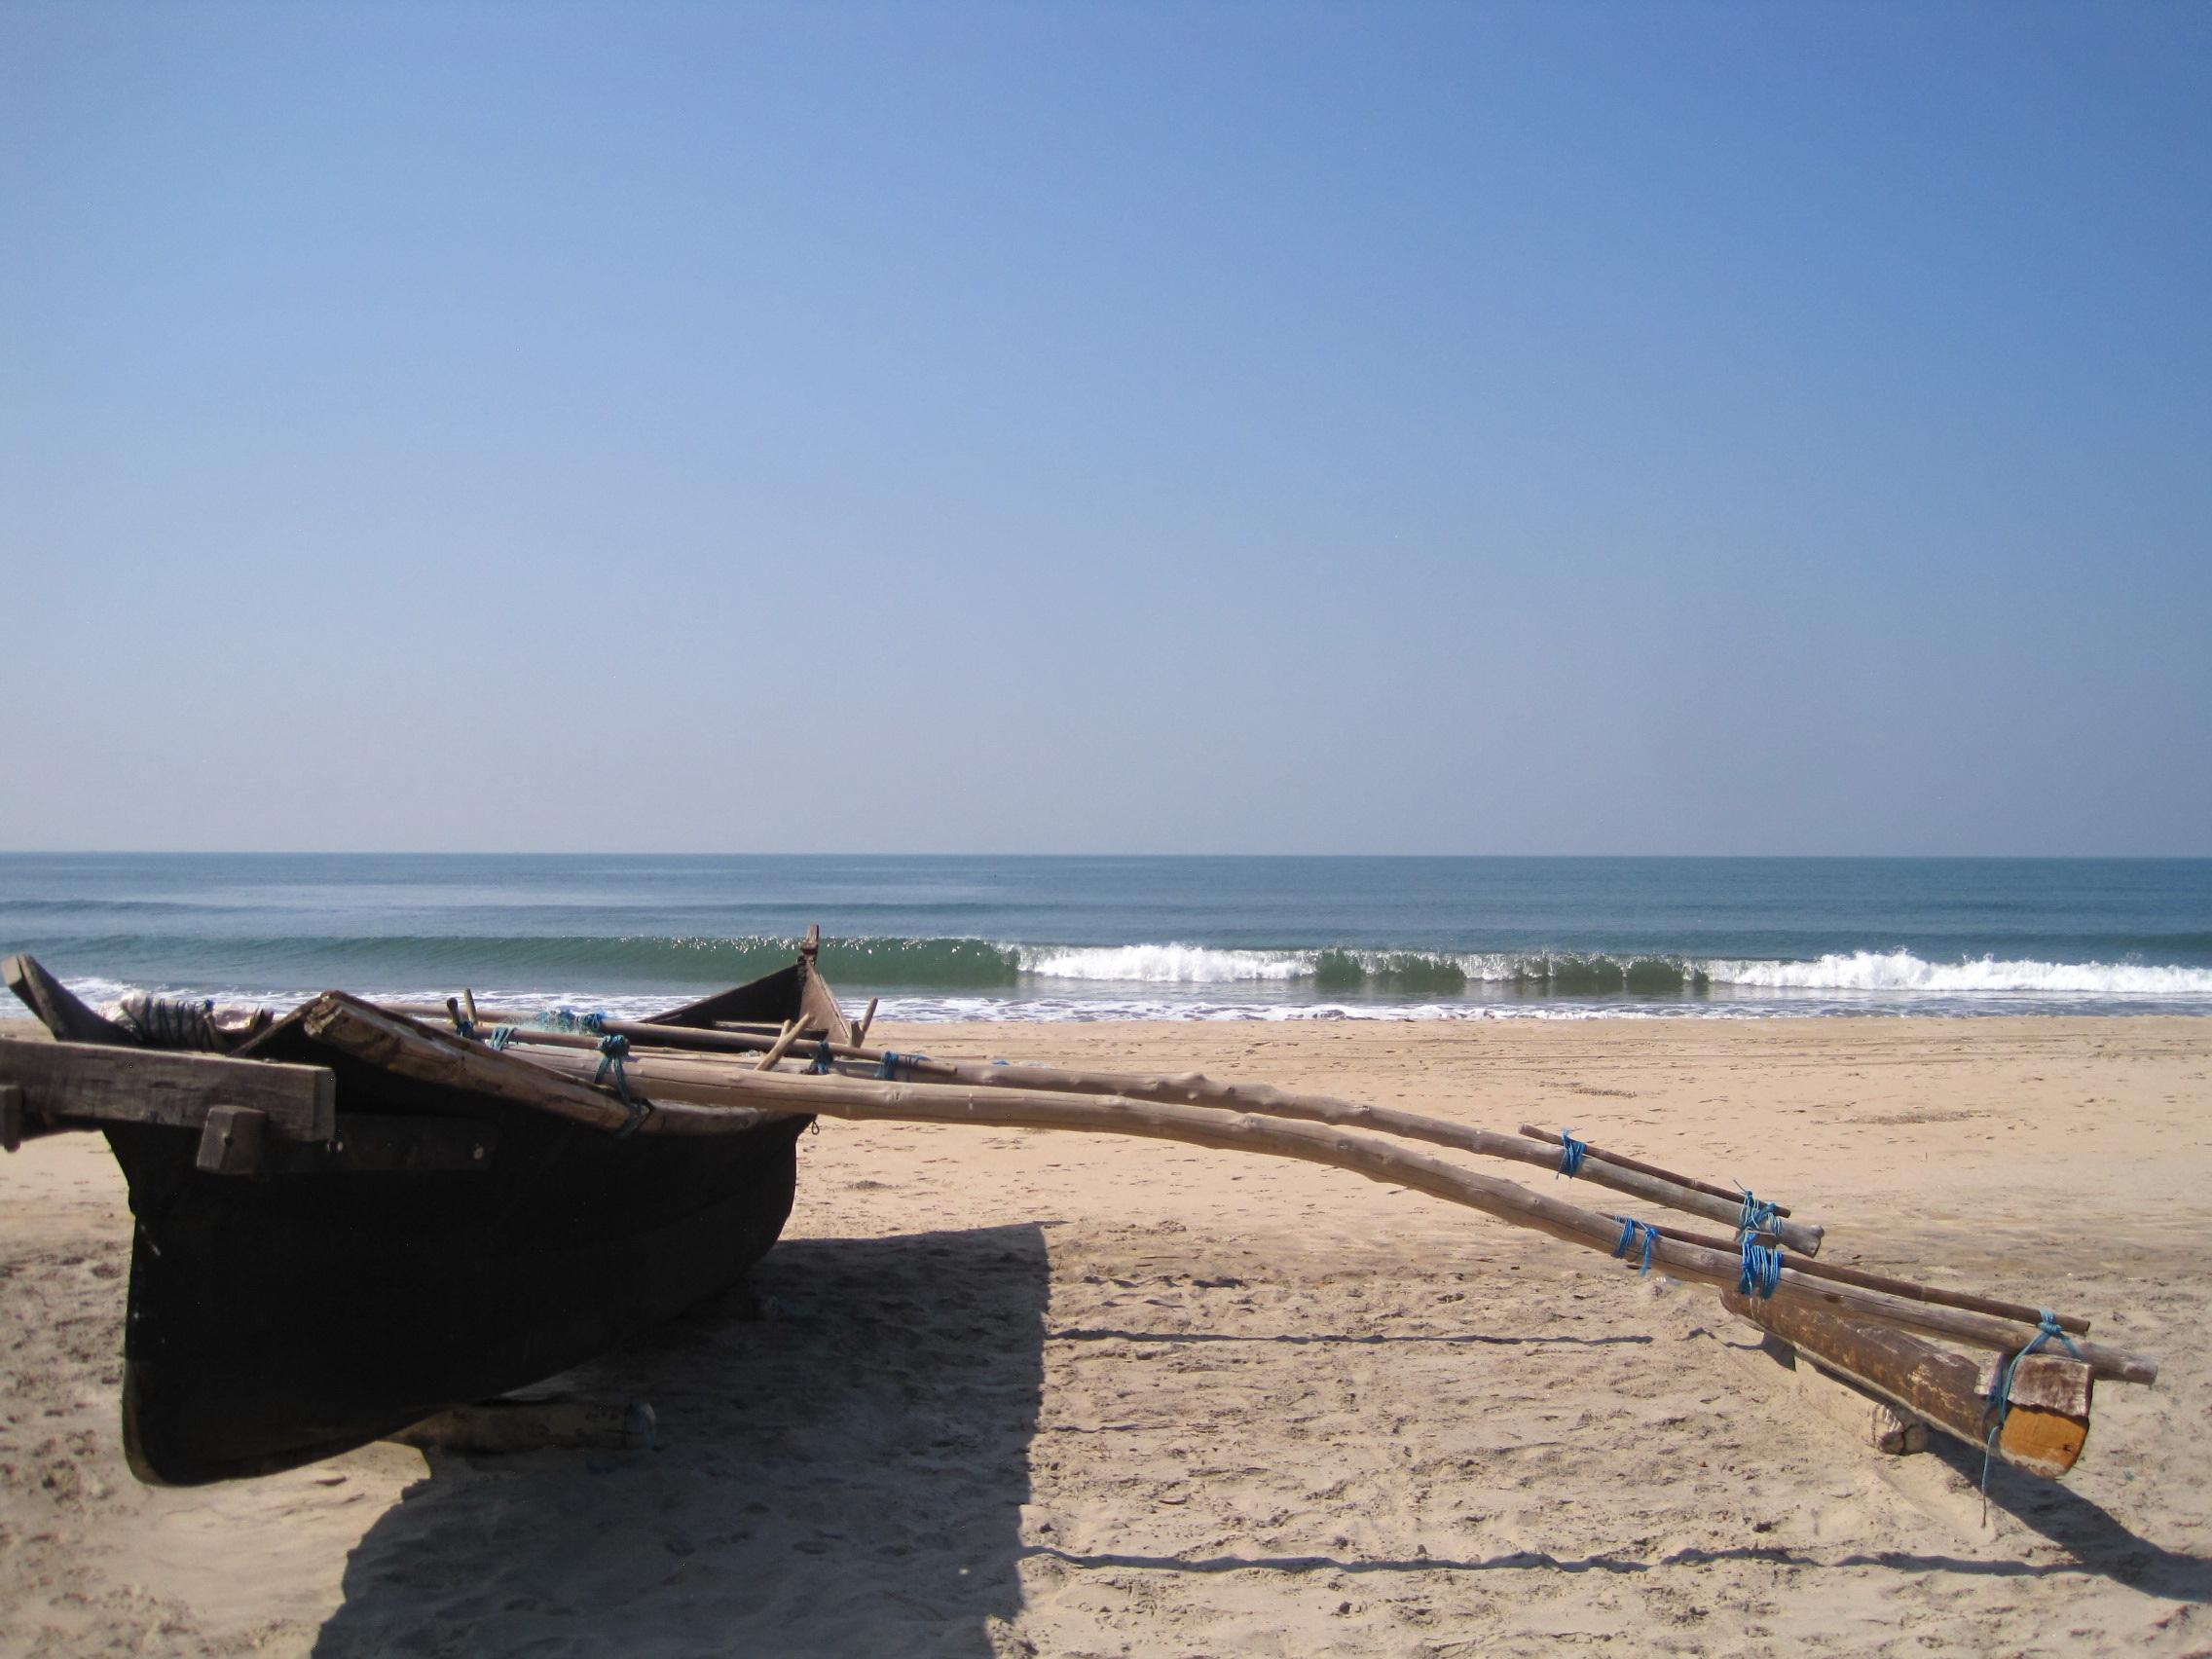 Mandem Beach